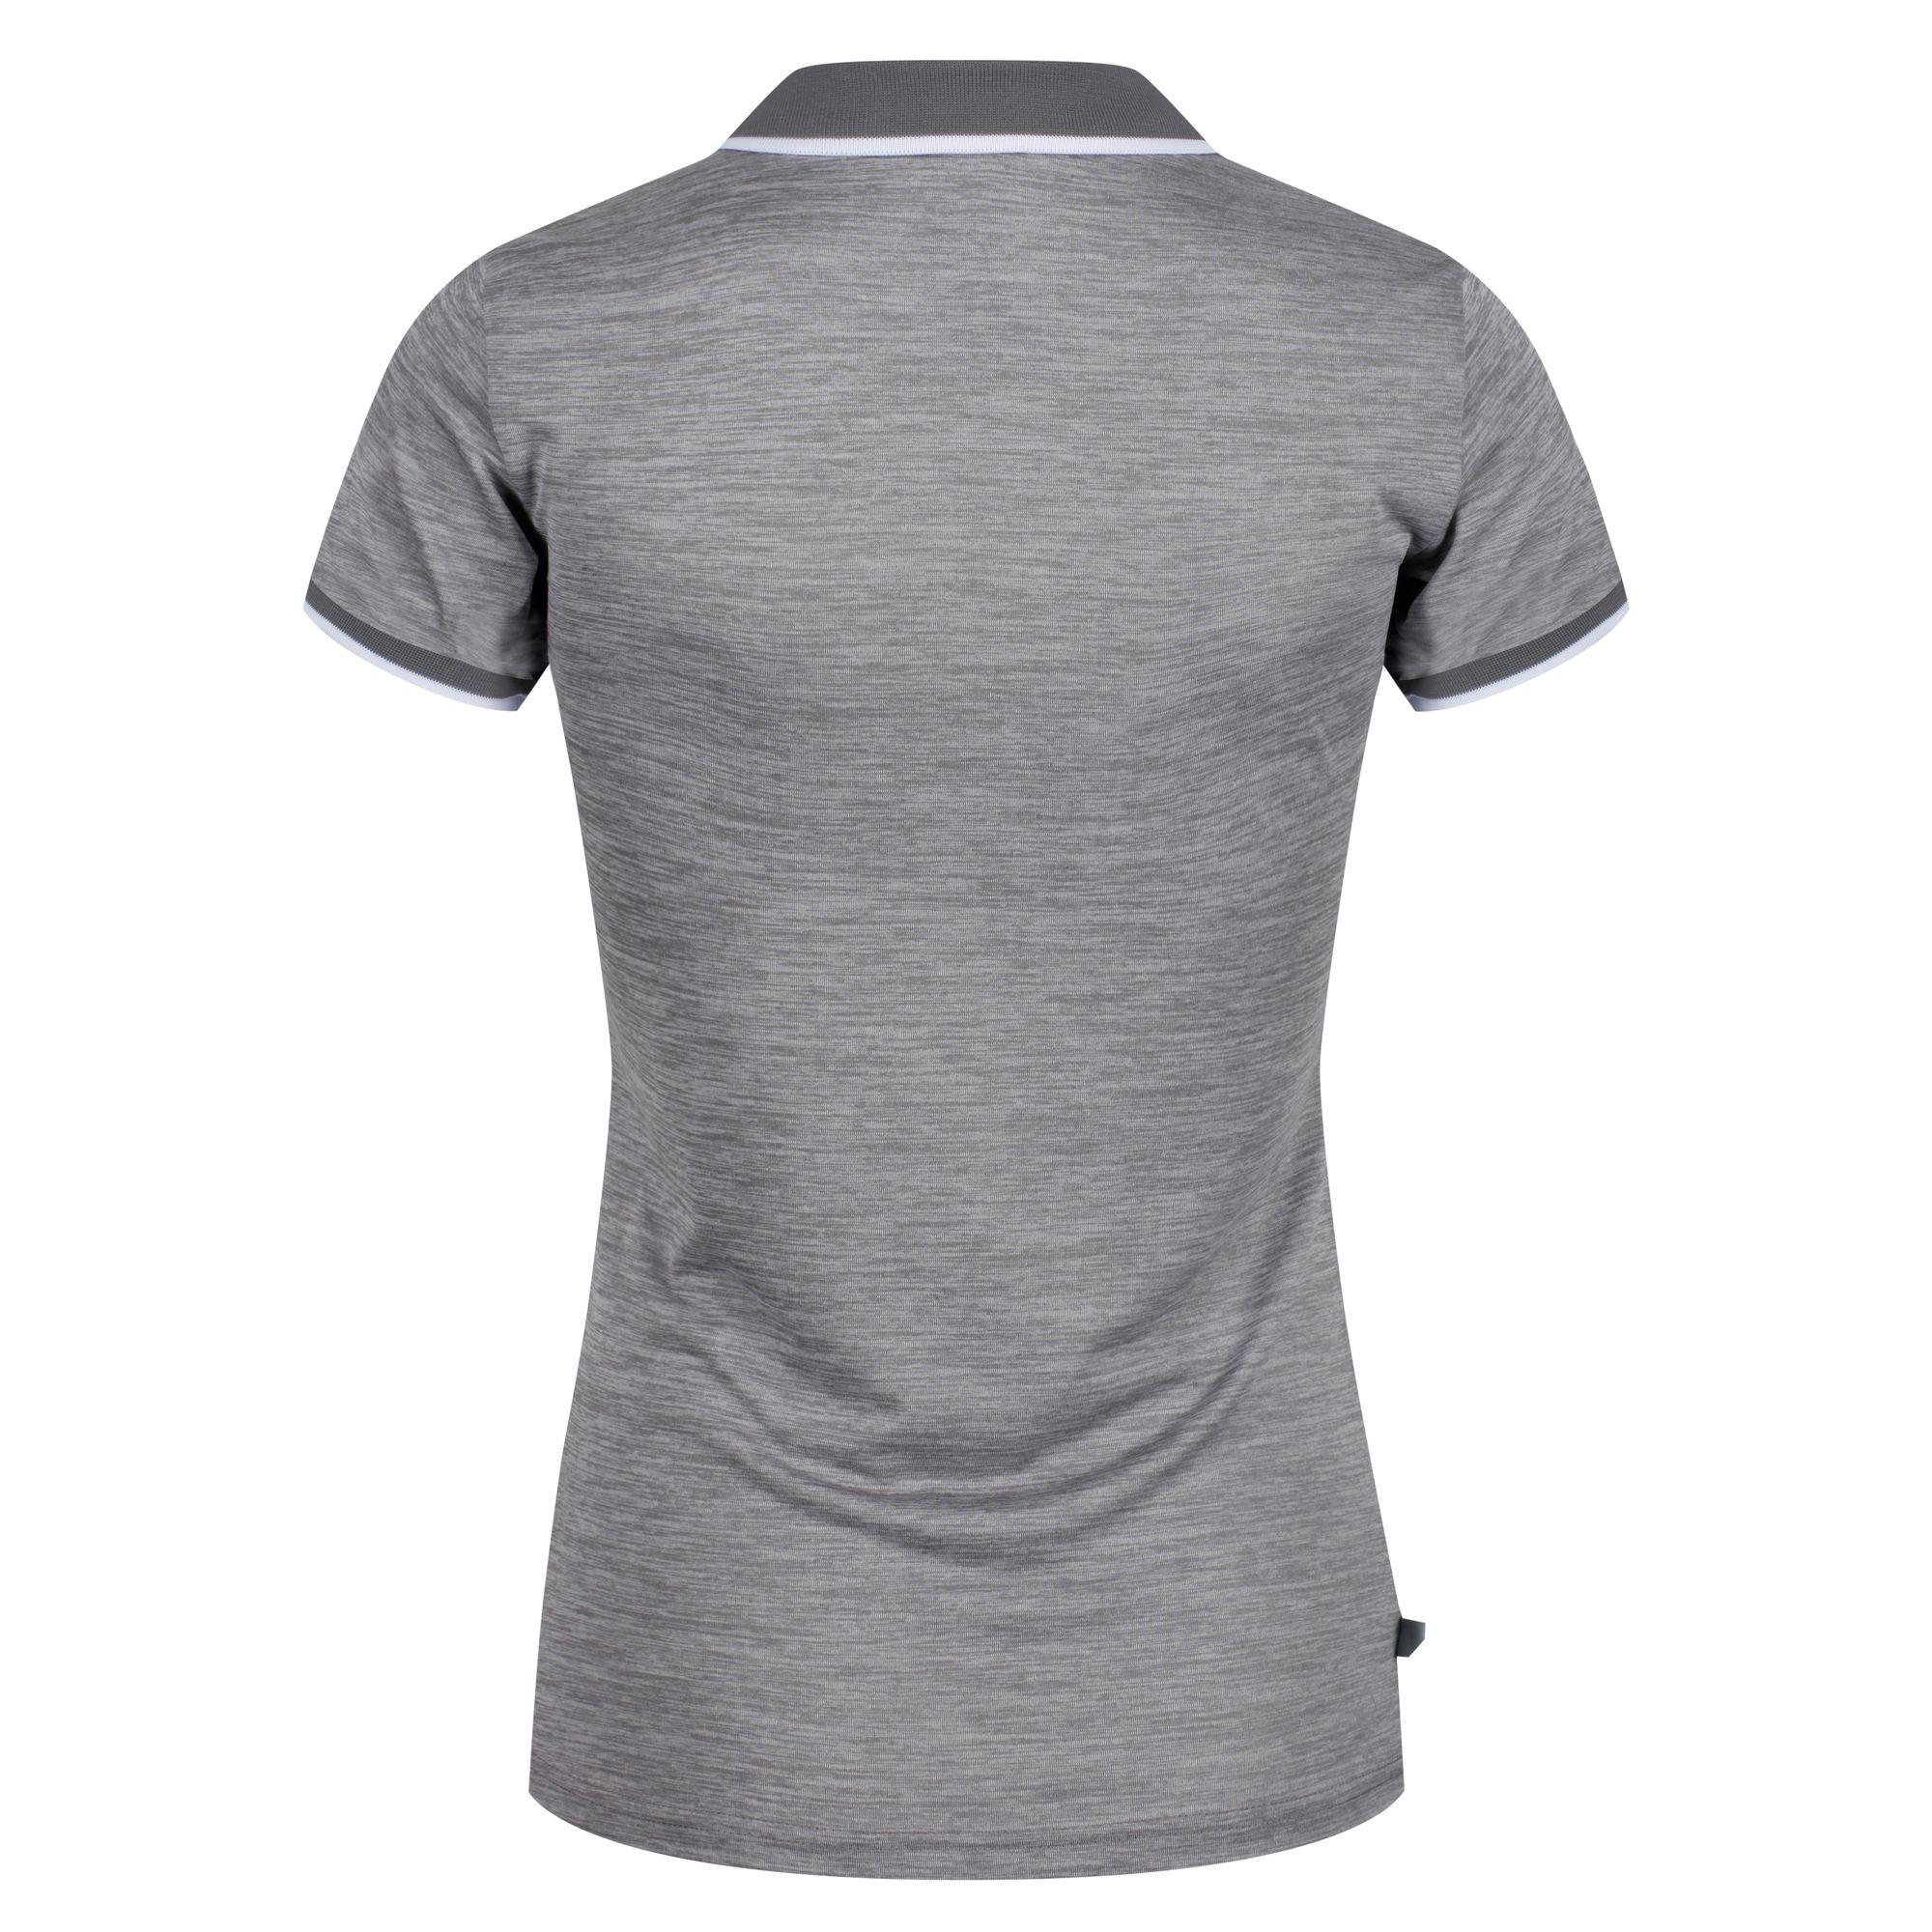 Regatta-Womens-Ladies-Remex-II-Polo-Neck-T-Shirt-RG4477 thumbnail 14